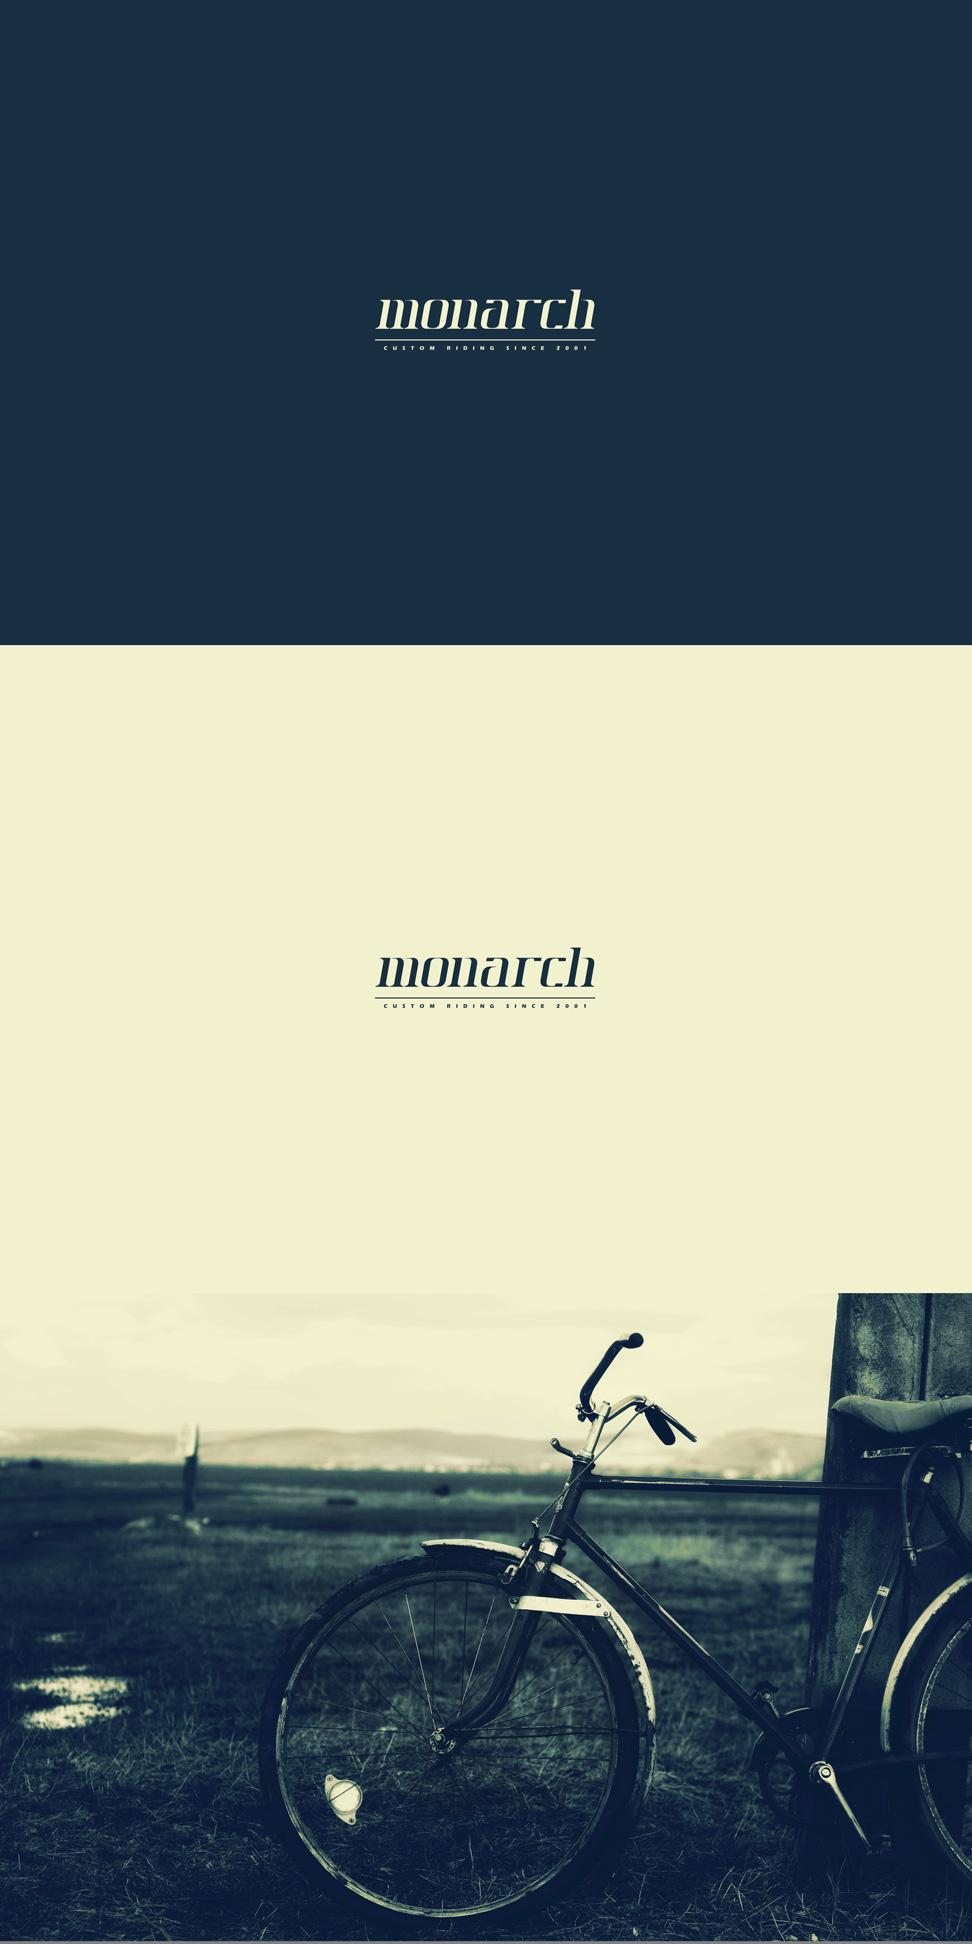 monarch bikes by Bobbyperux